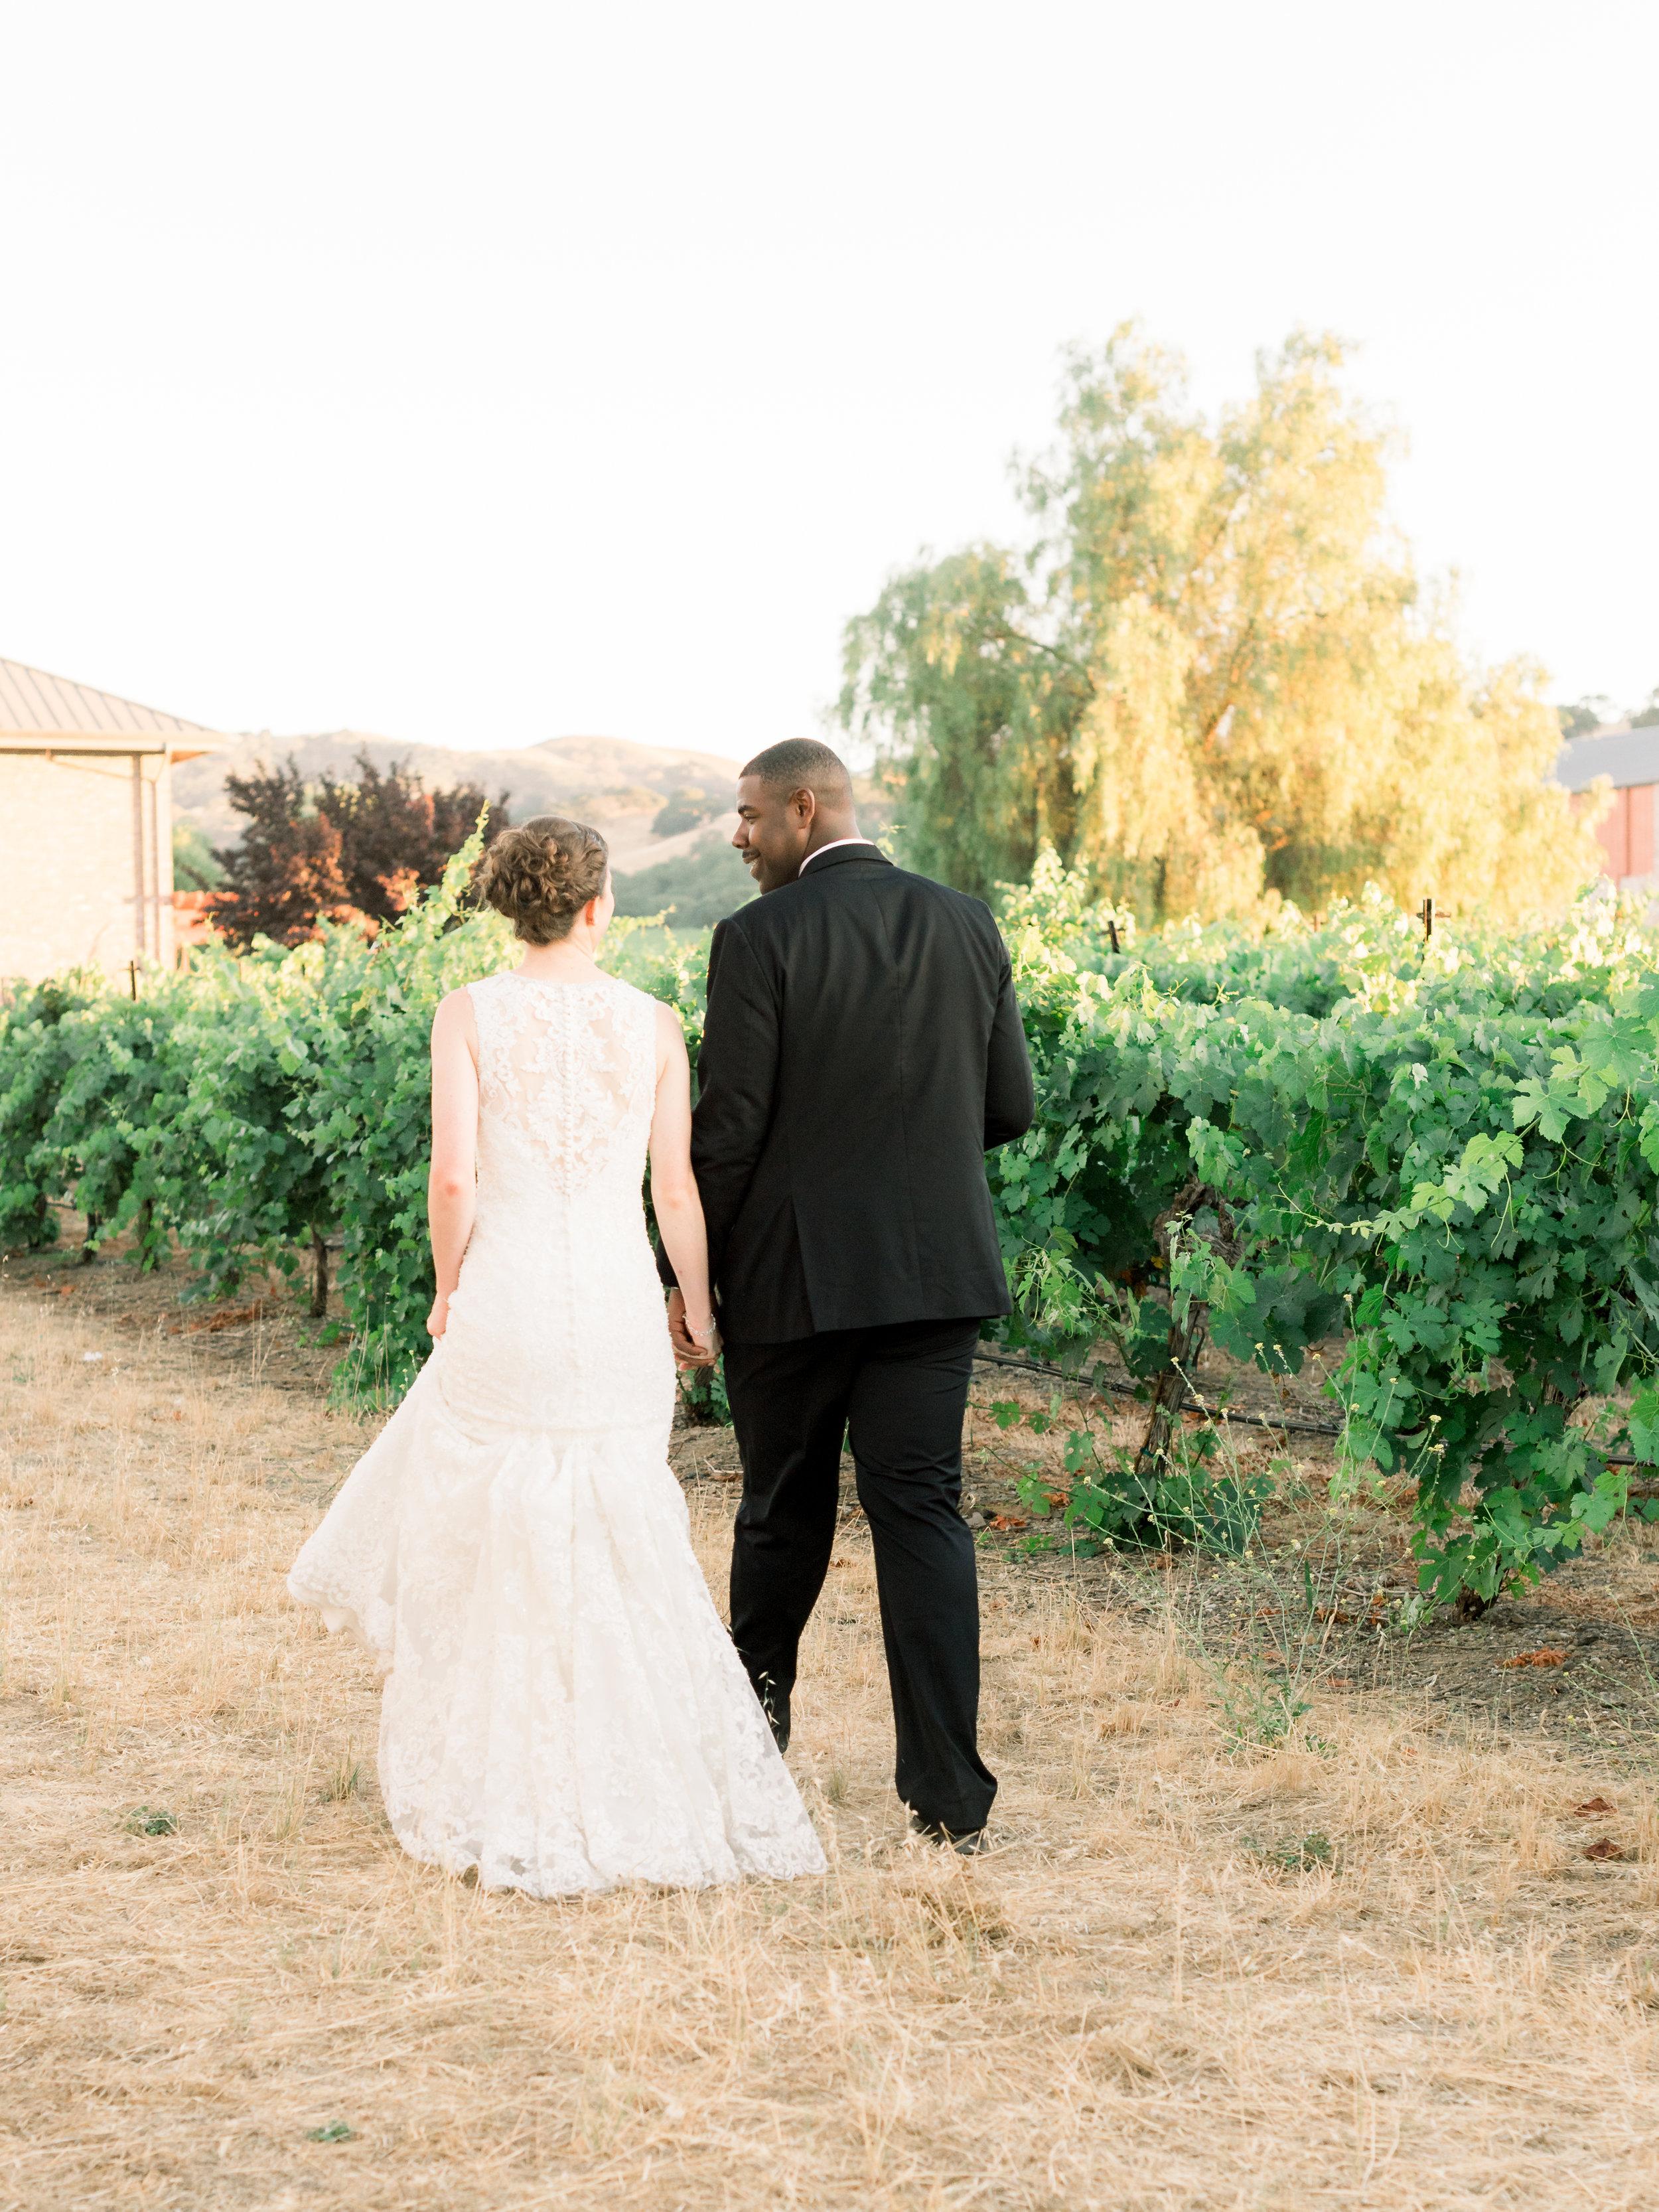 bride-and-groom-walking-through-the-vineyard.jpg